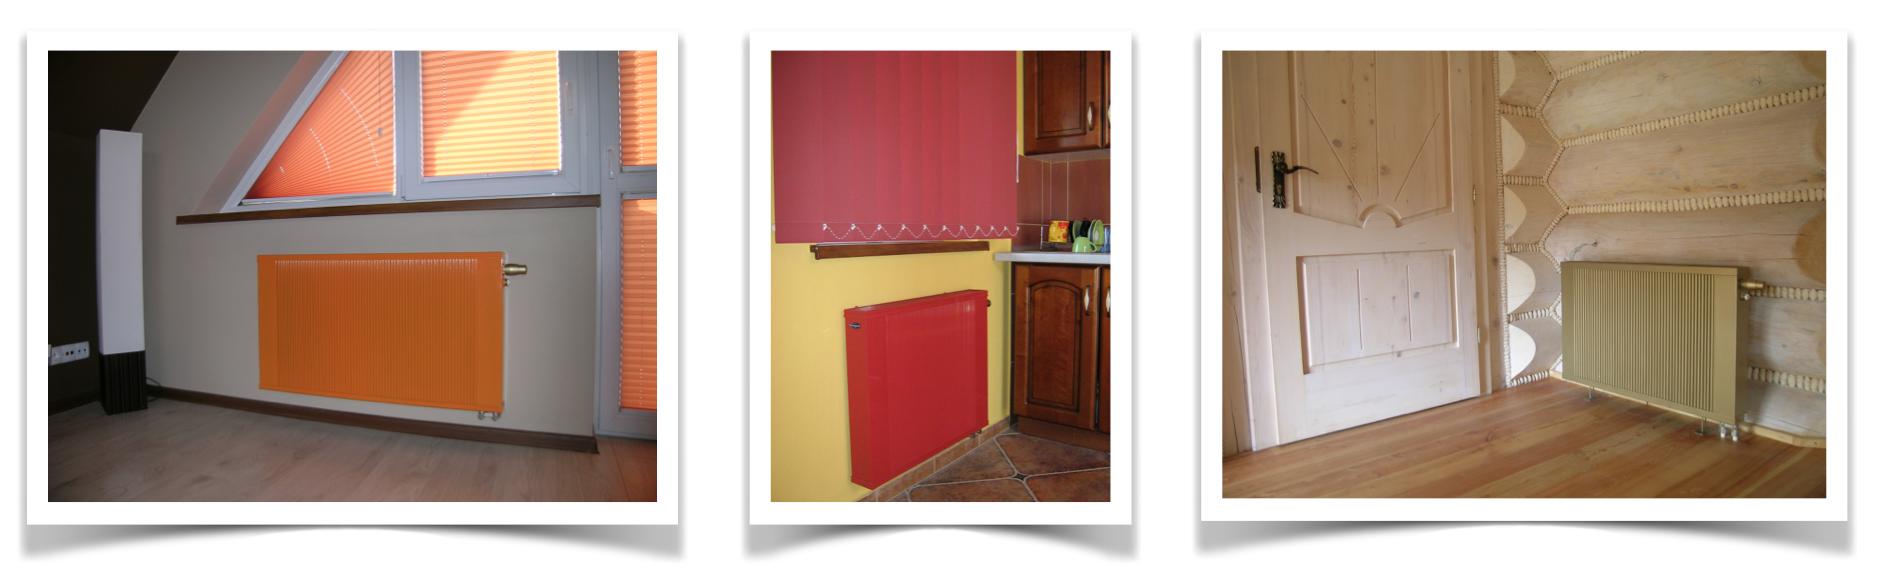 цветные радиаторы sollarius впишутся абсолютно в любой дизайн помещения